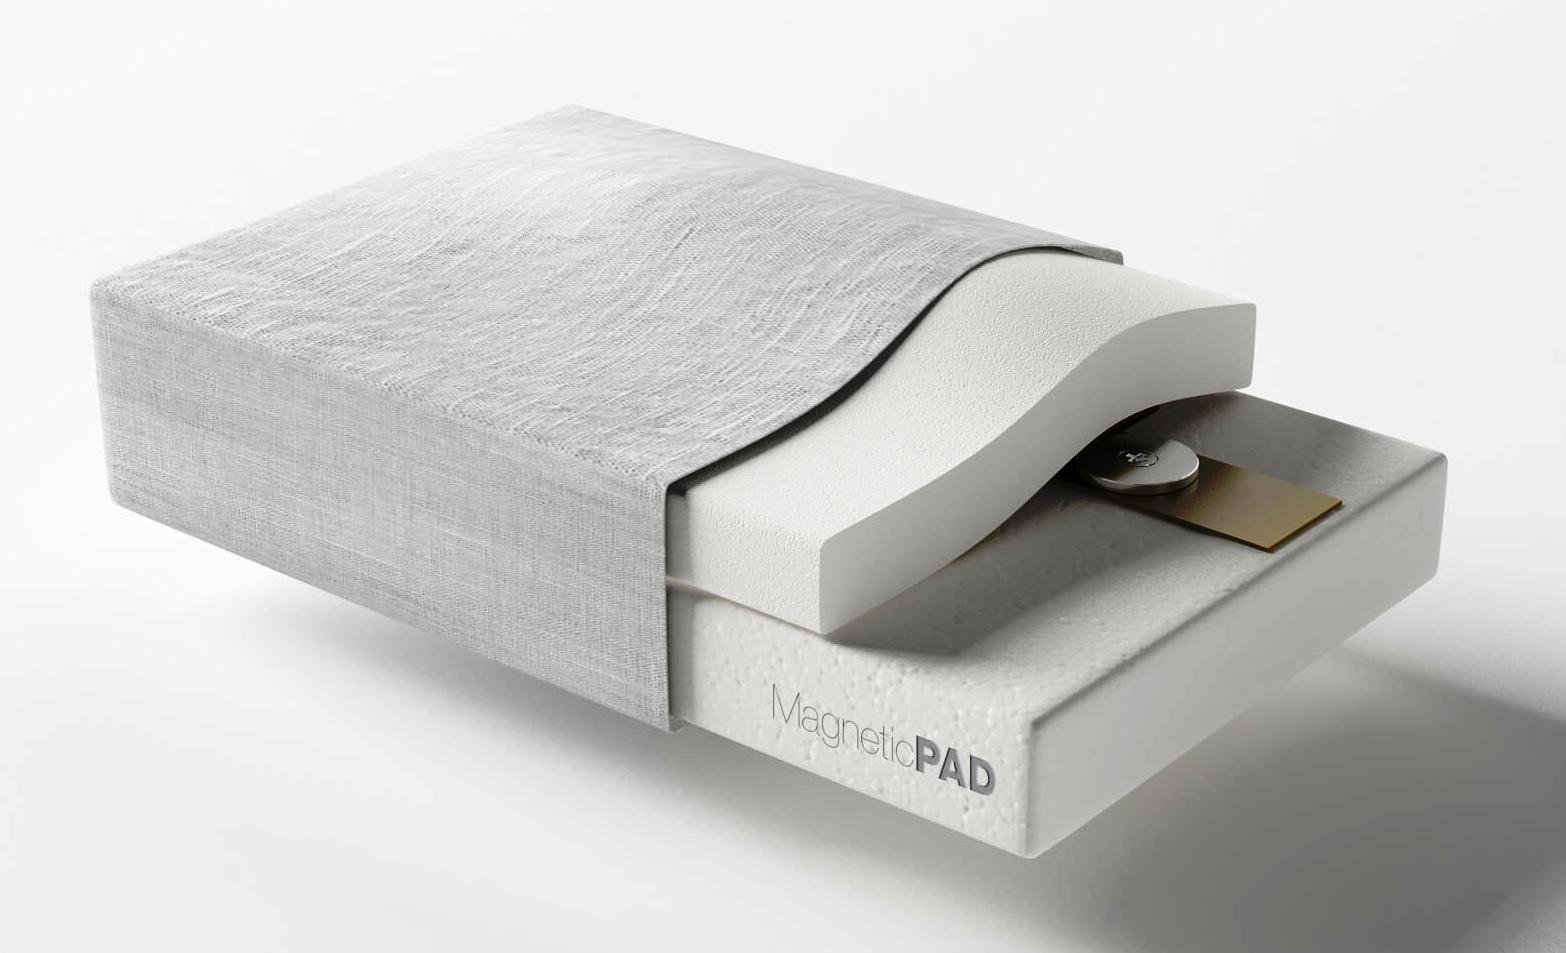 Уникальная ортопедическая подушка MagneticPAD